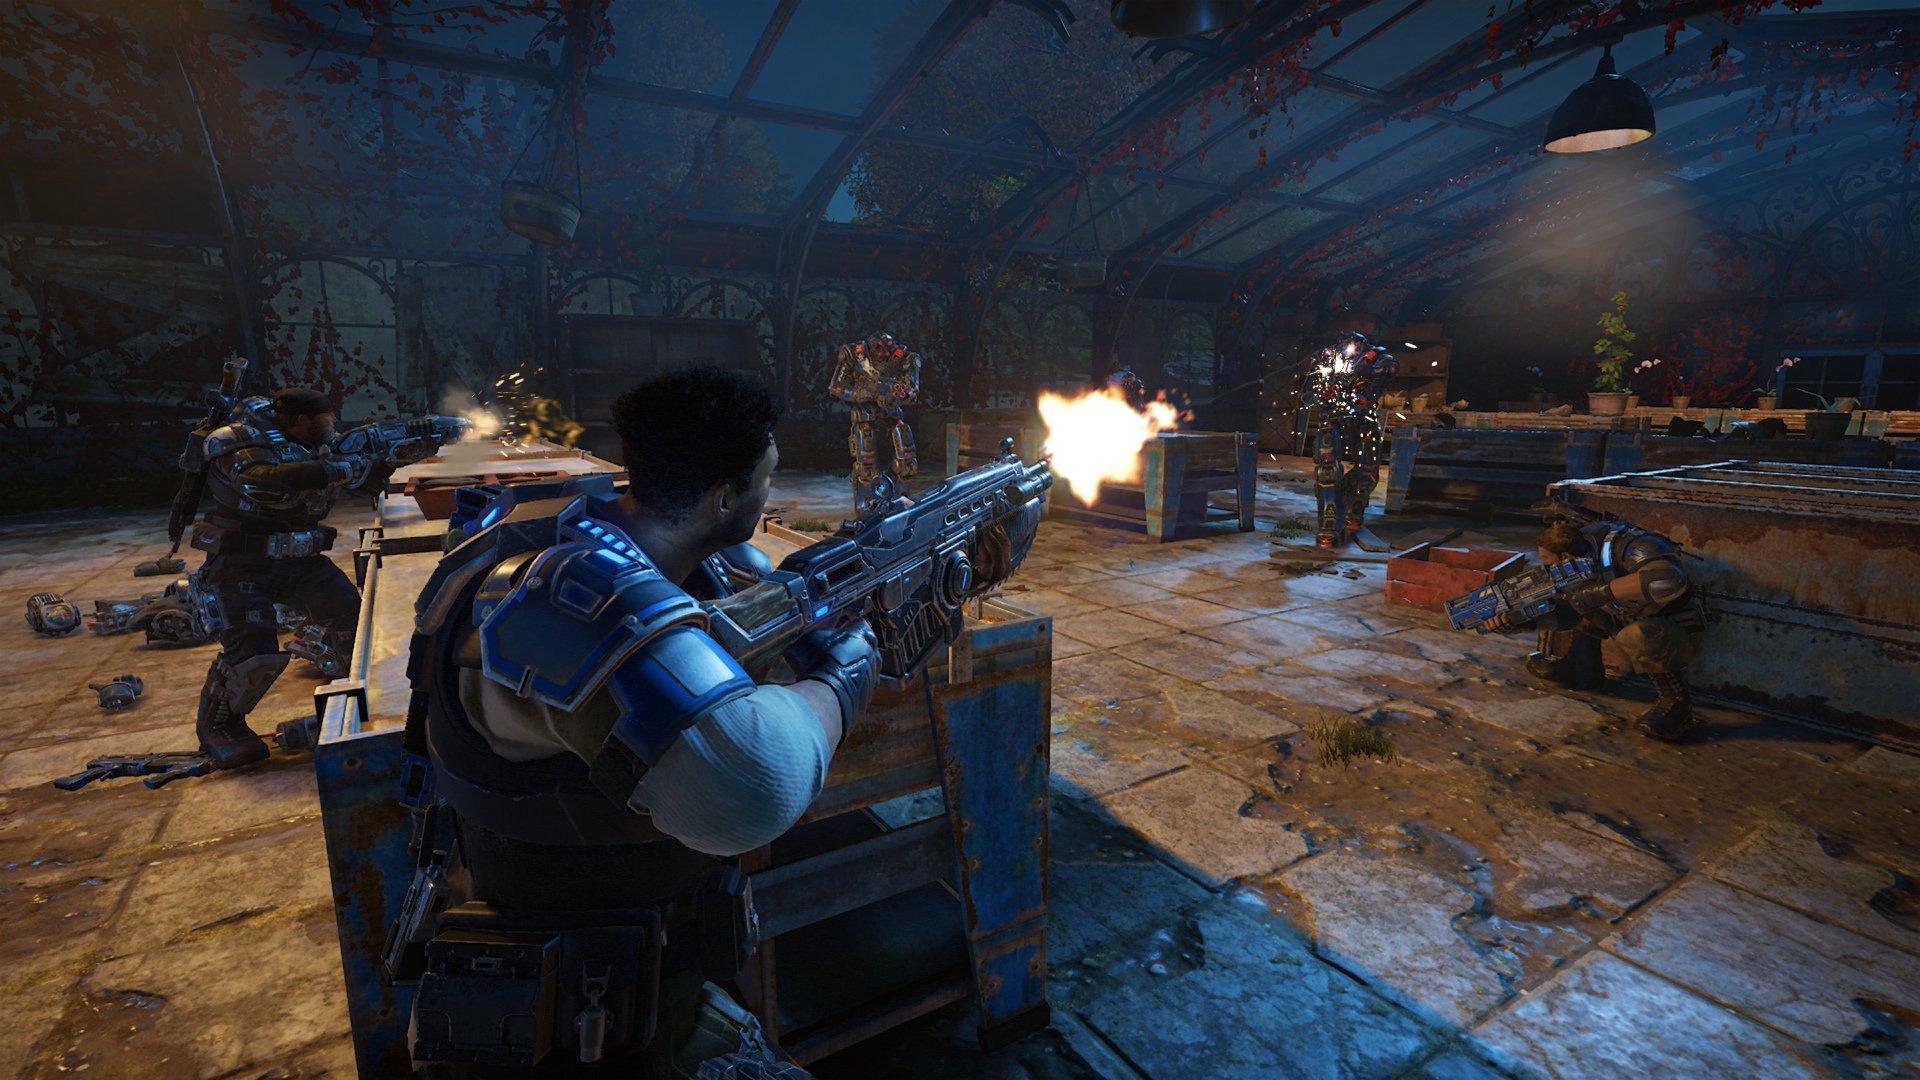 Devil May Cry Wallpaper Hd Im 225 Genes De Gears Of War 4 Para Xbox One 3djuegos